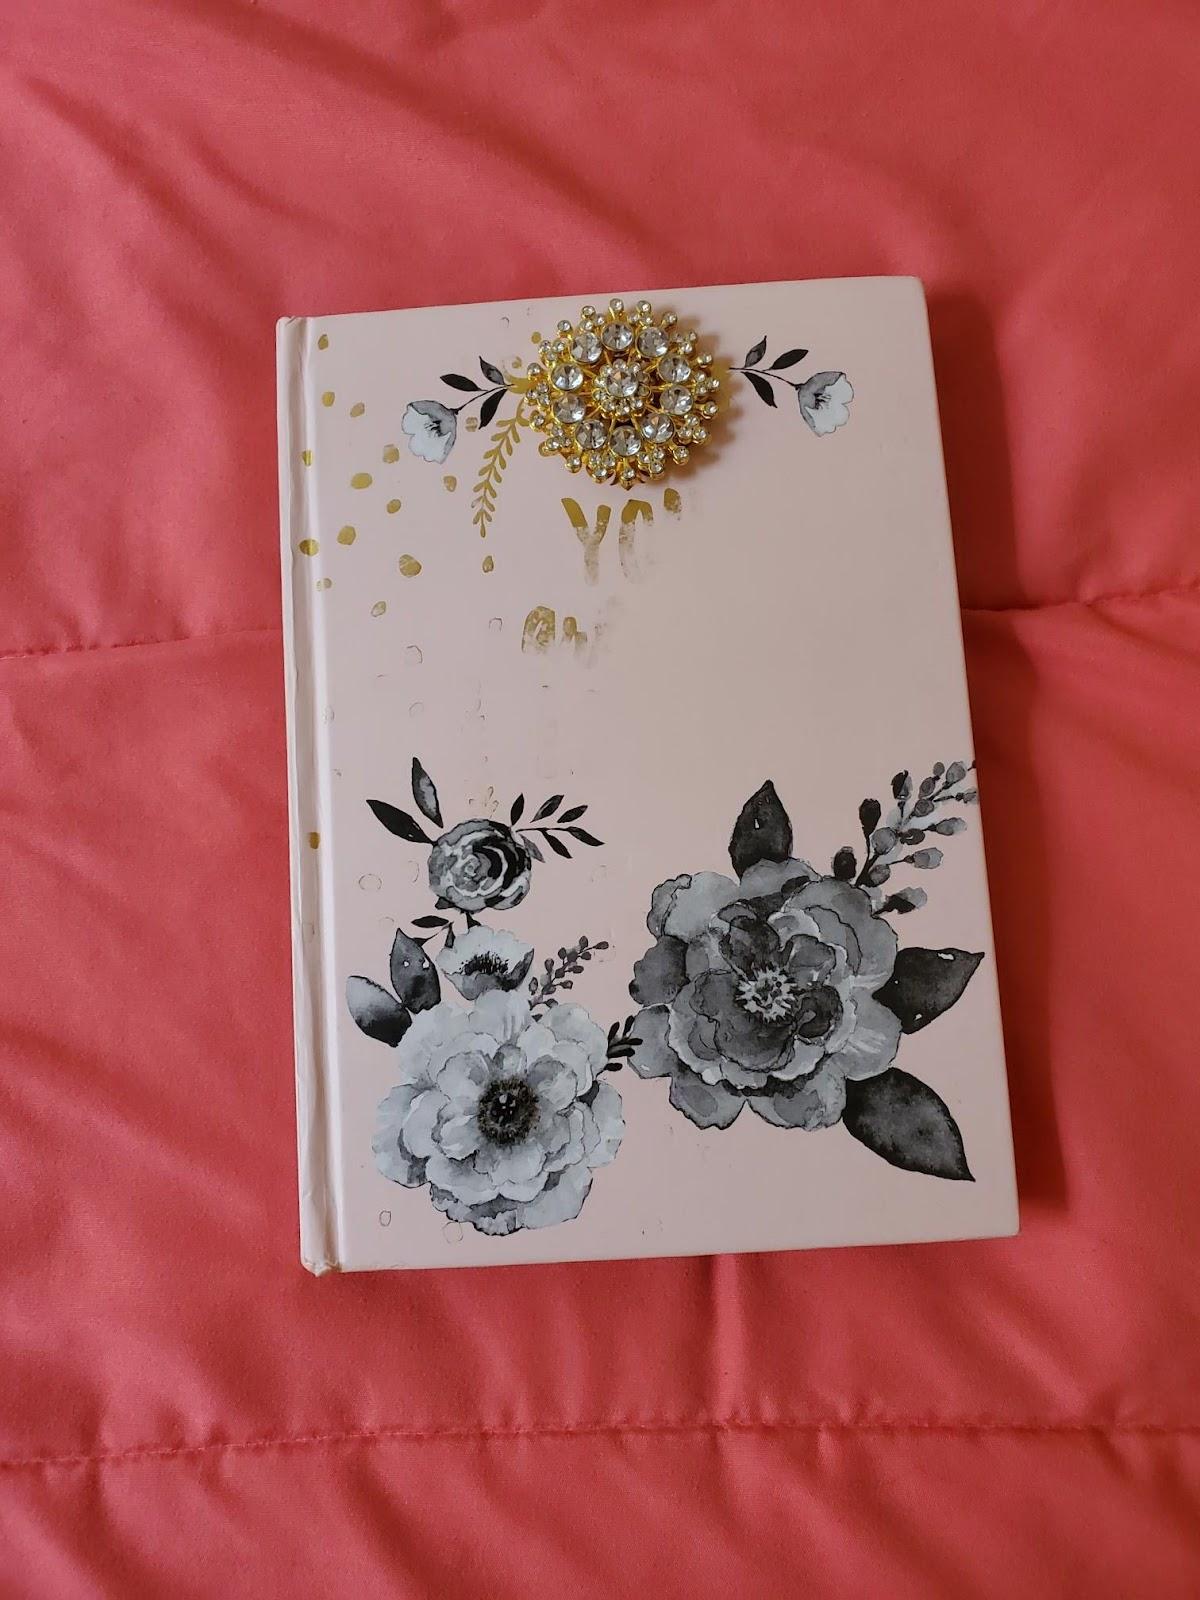 the cover of Jenn's journal